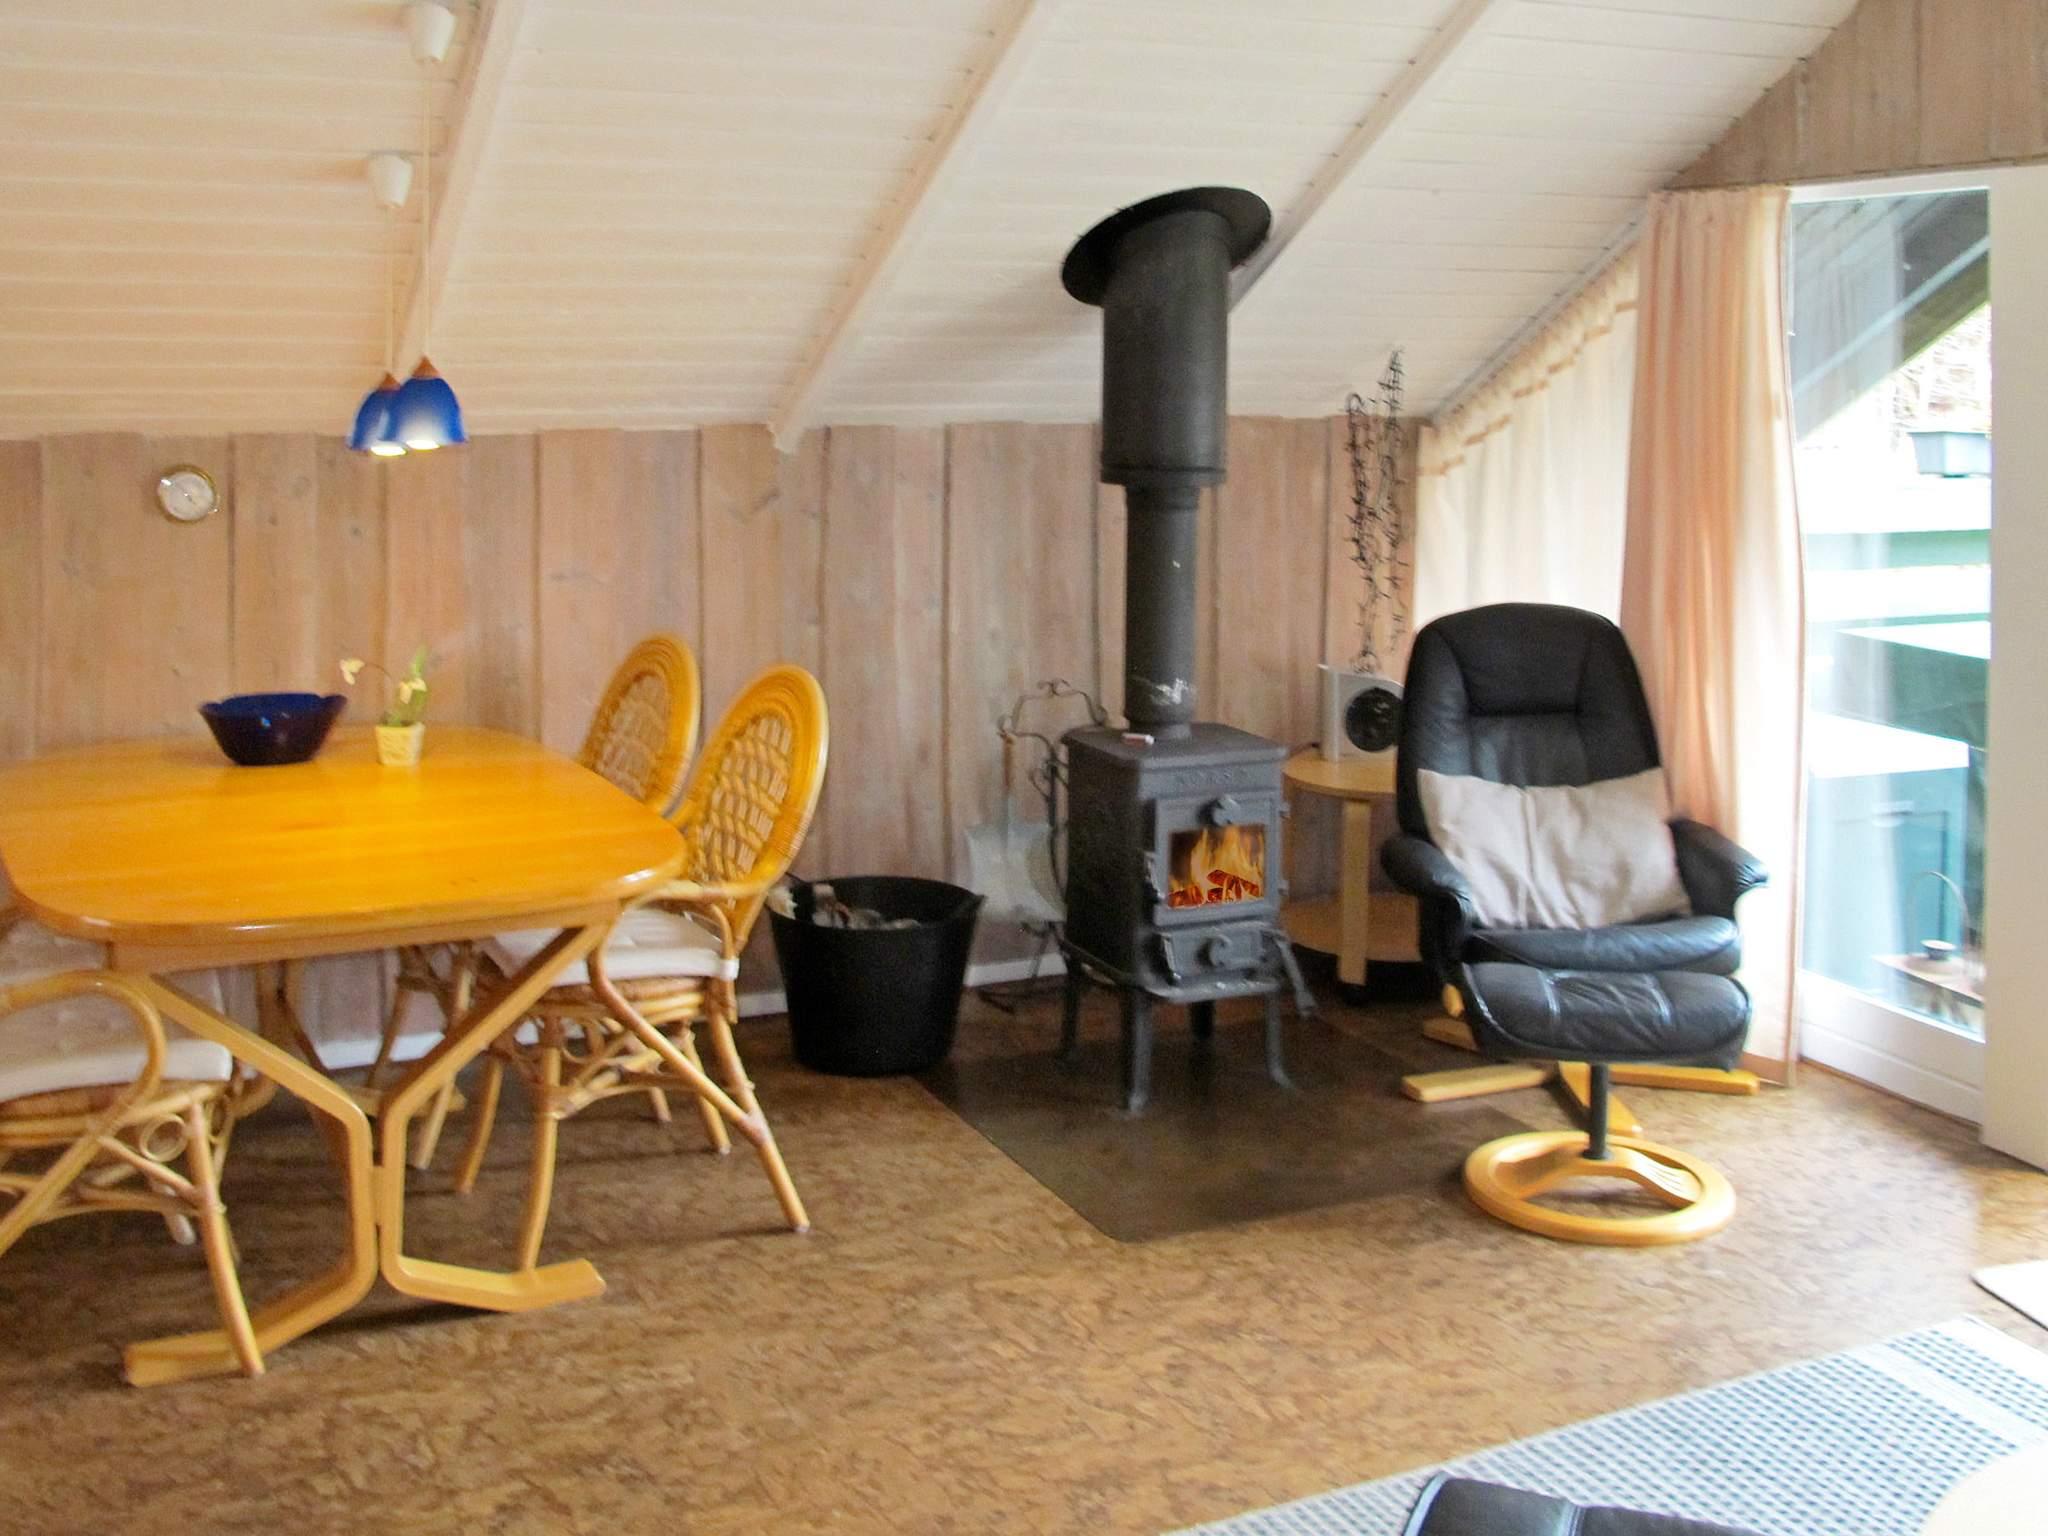 Ferienhaus Ulvshale Skov (93571), Stege, , Møn, Dänemark, Bild 5